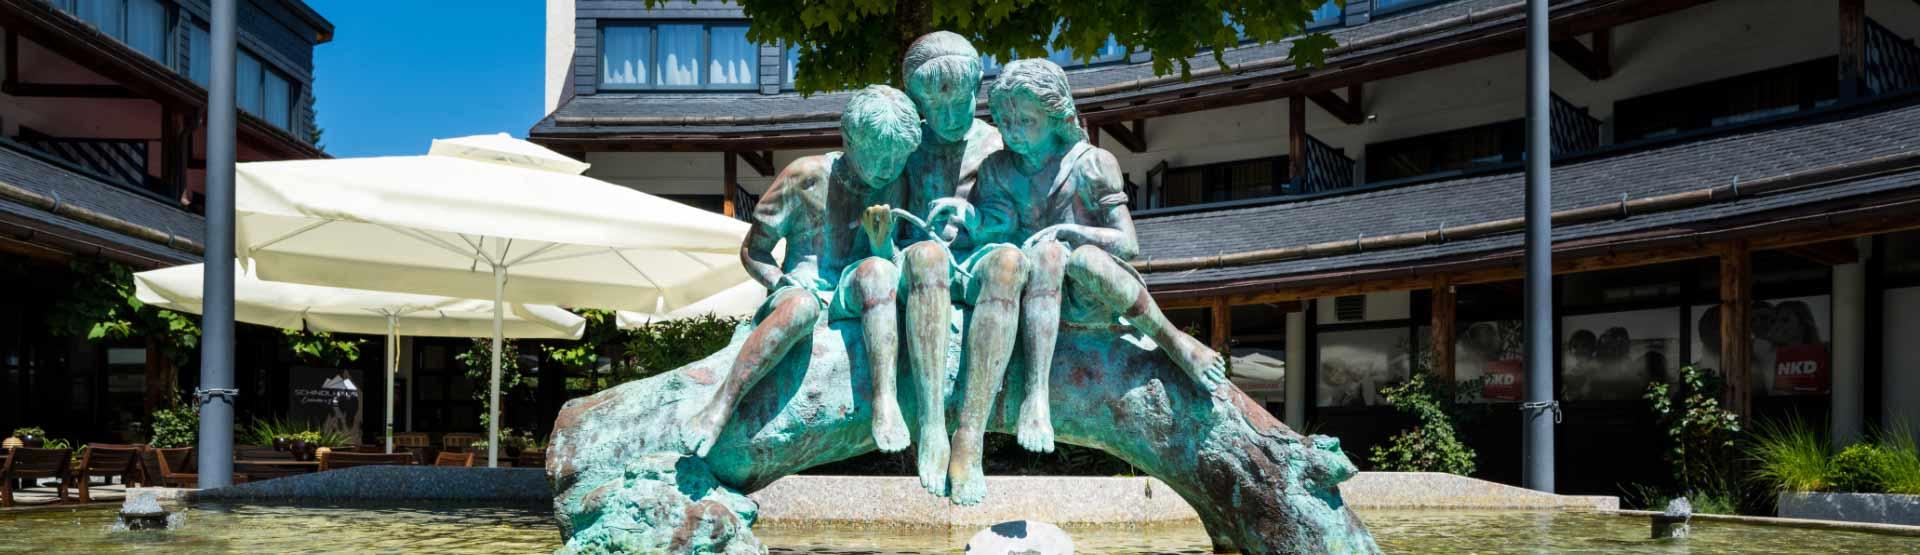 Brunnen mit 3 Statuen vor dem Schindlhaus